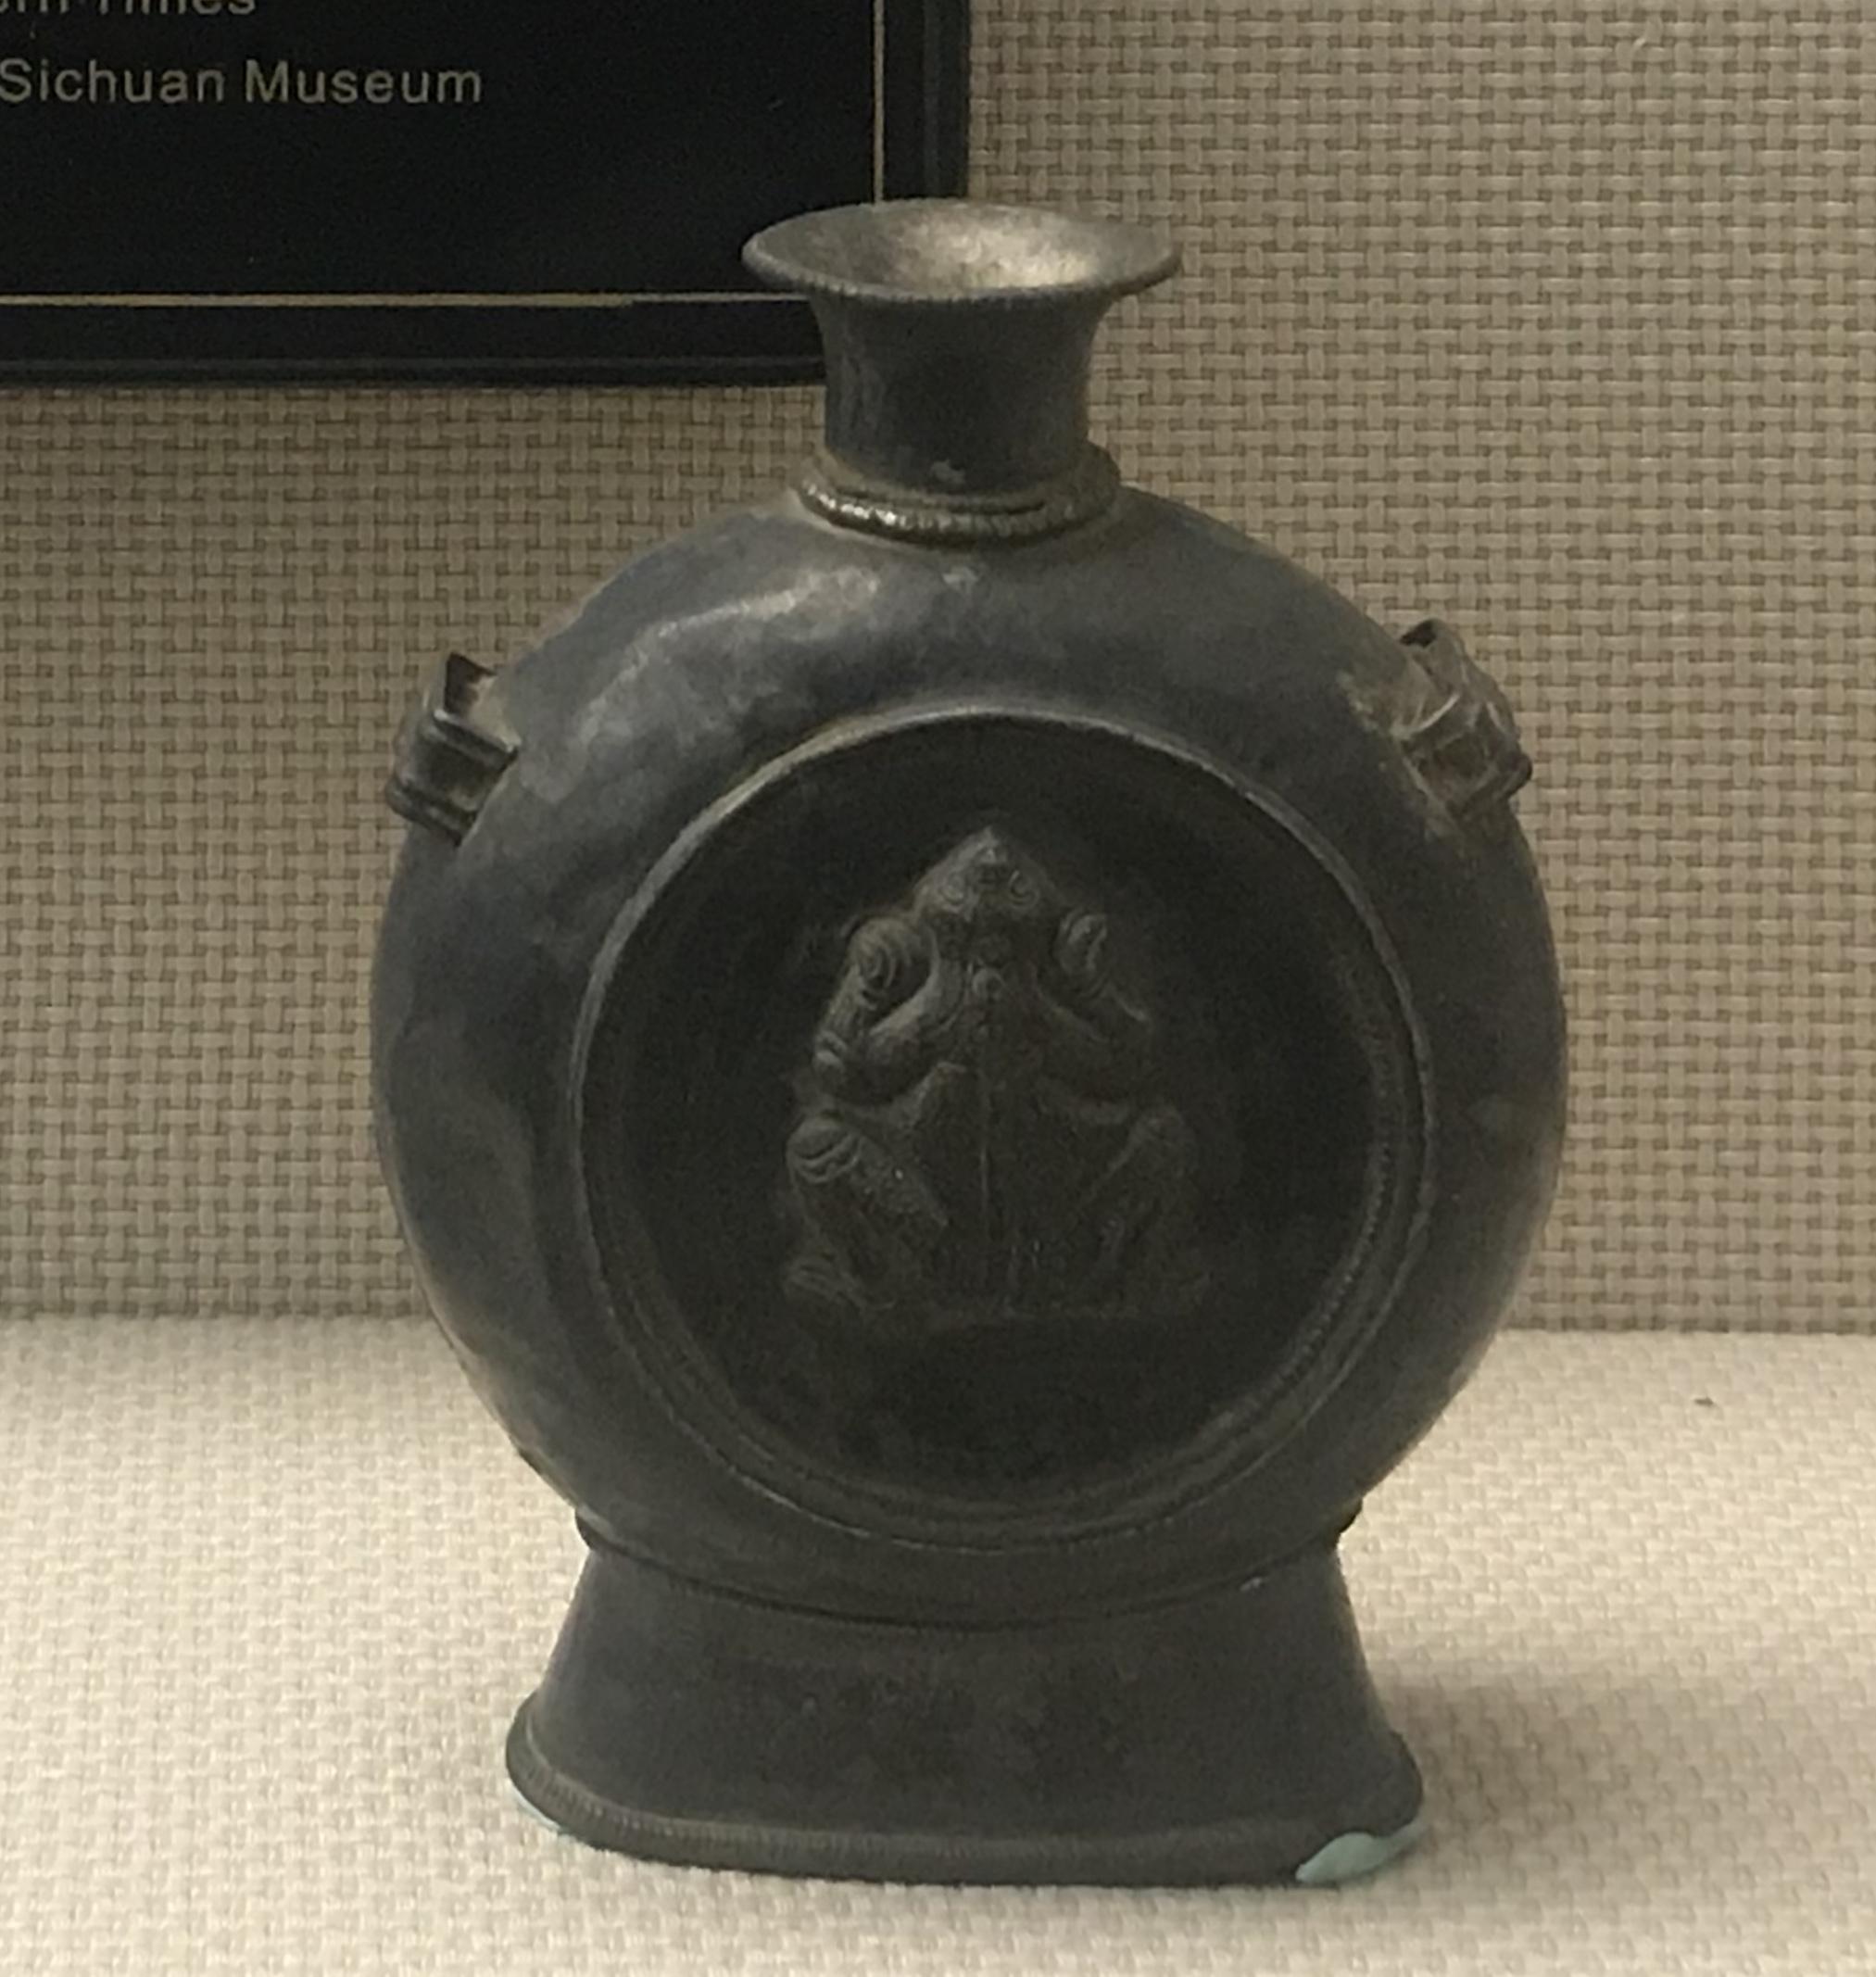 銀青蛙瓶-チベット族生活用品-四川民族文物館-四川博物館-成都